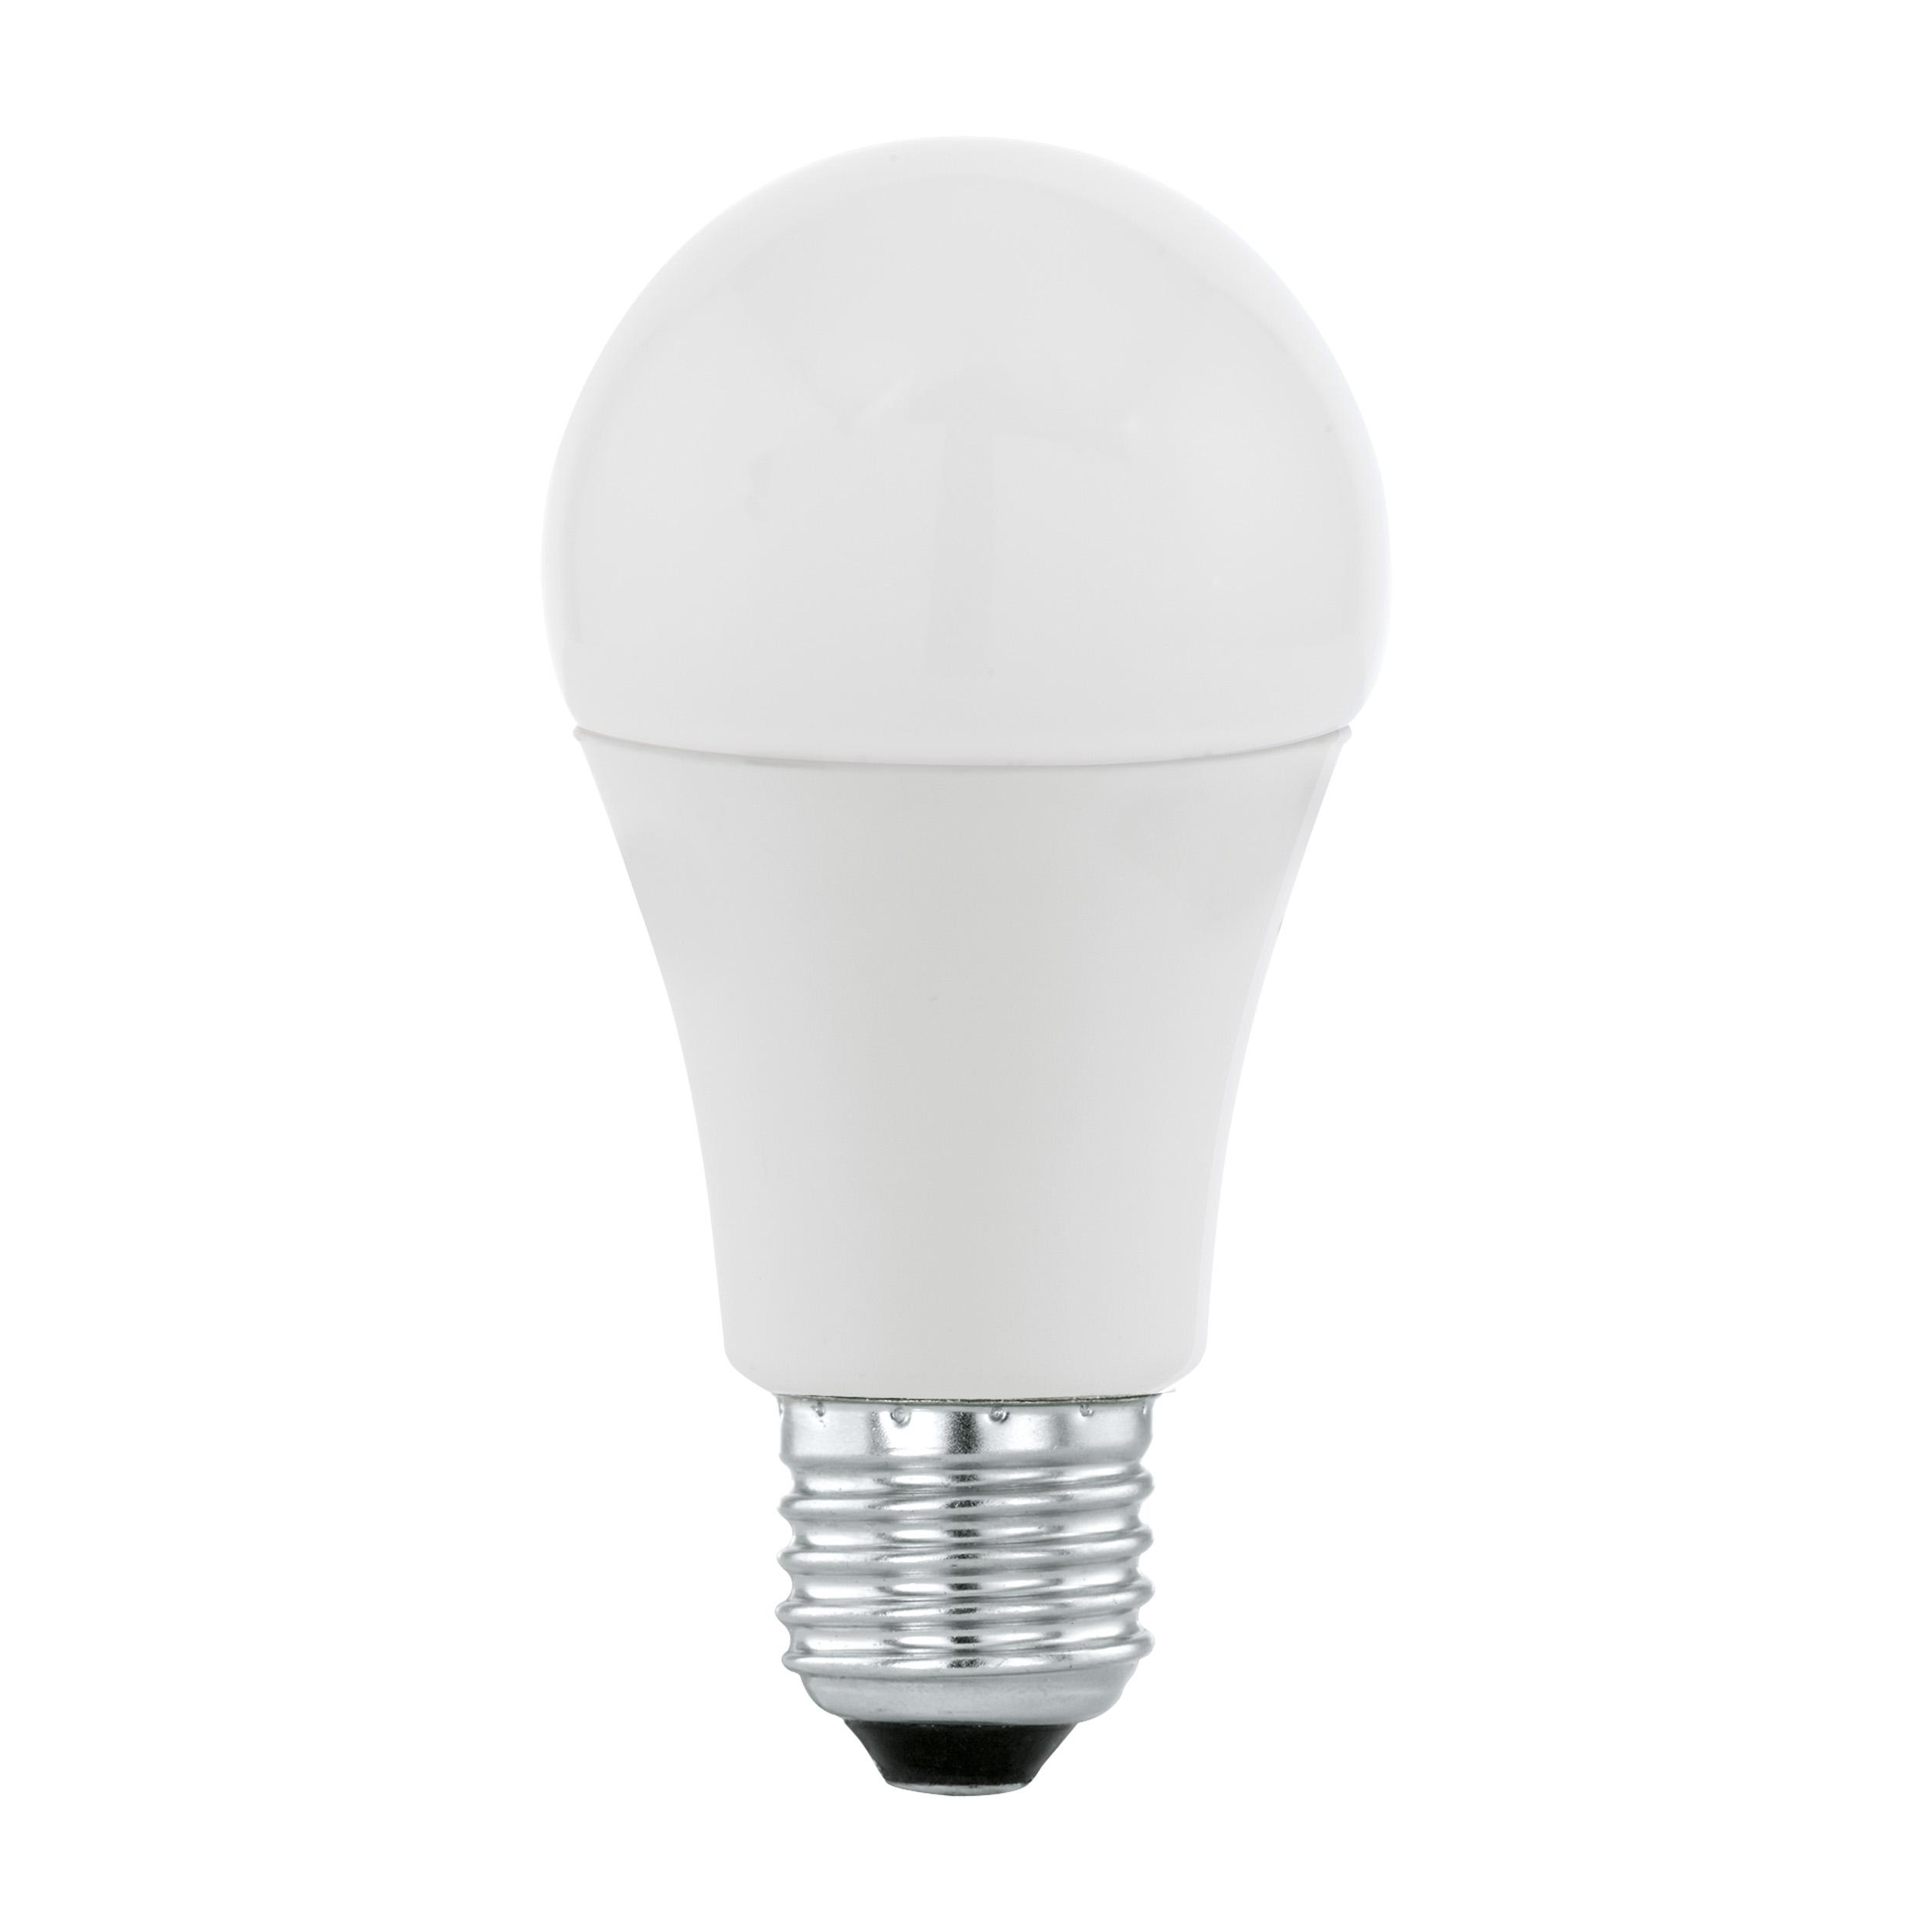 1 Stk E27-LED-A60 10W 3000  LI69168---